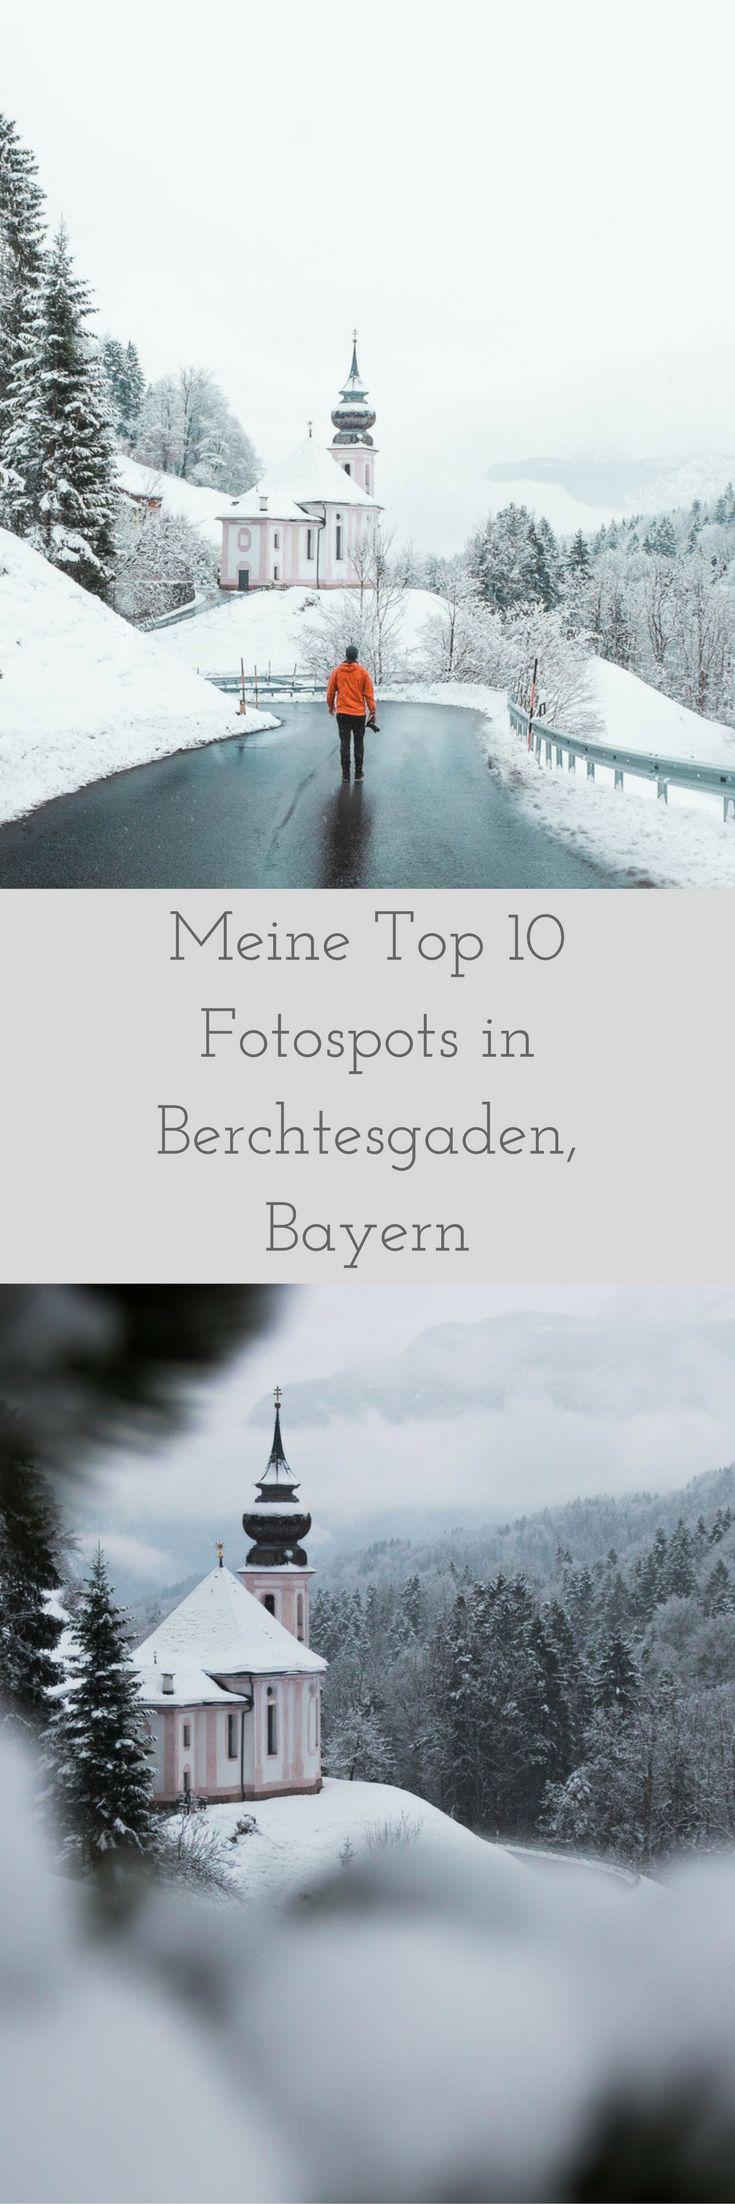 Meine Top 10 Fotospots in Berchtesgaden Teil II. Wandern und Fotografie in Berchtesgaden. Die schönsten Fotospots erfährst du hier. Los geht's!